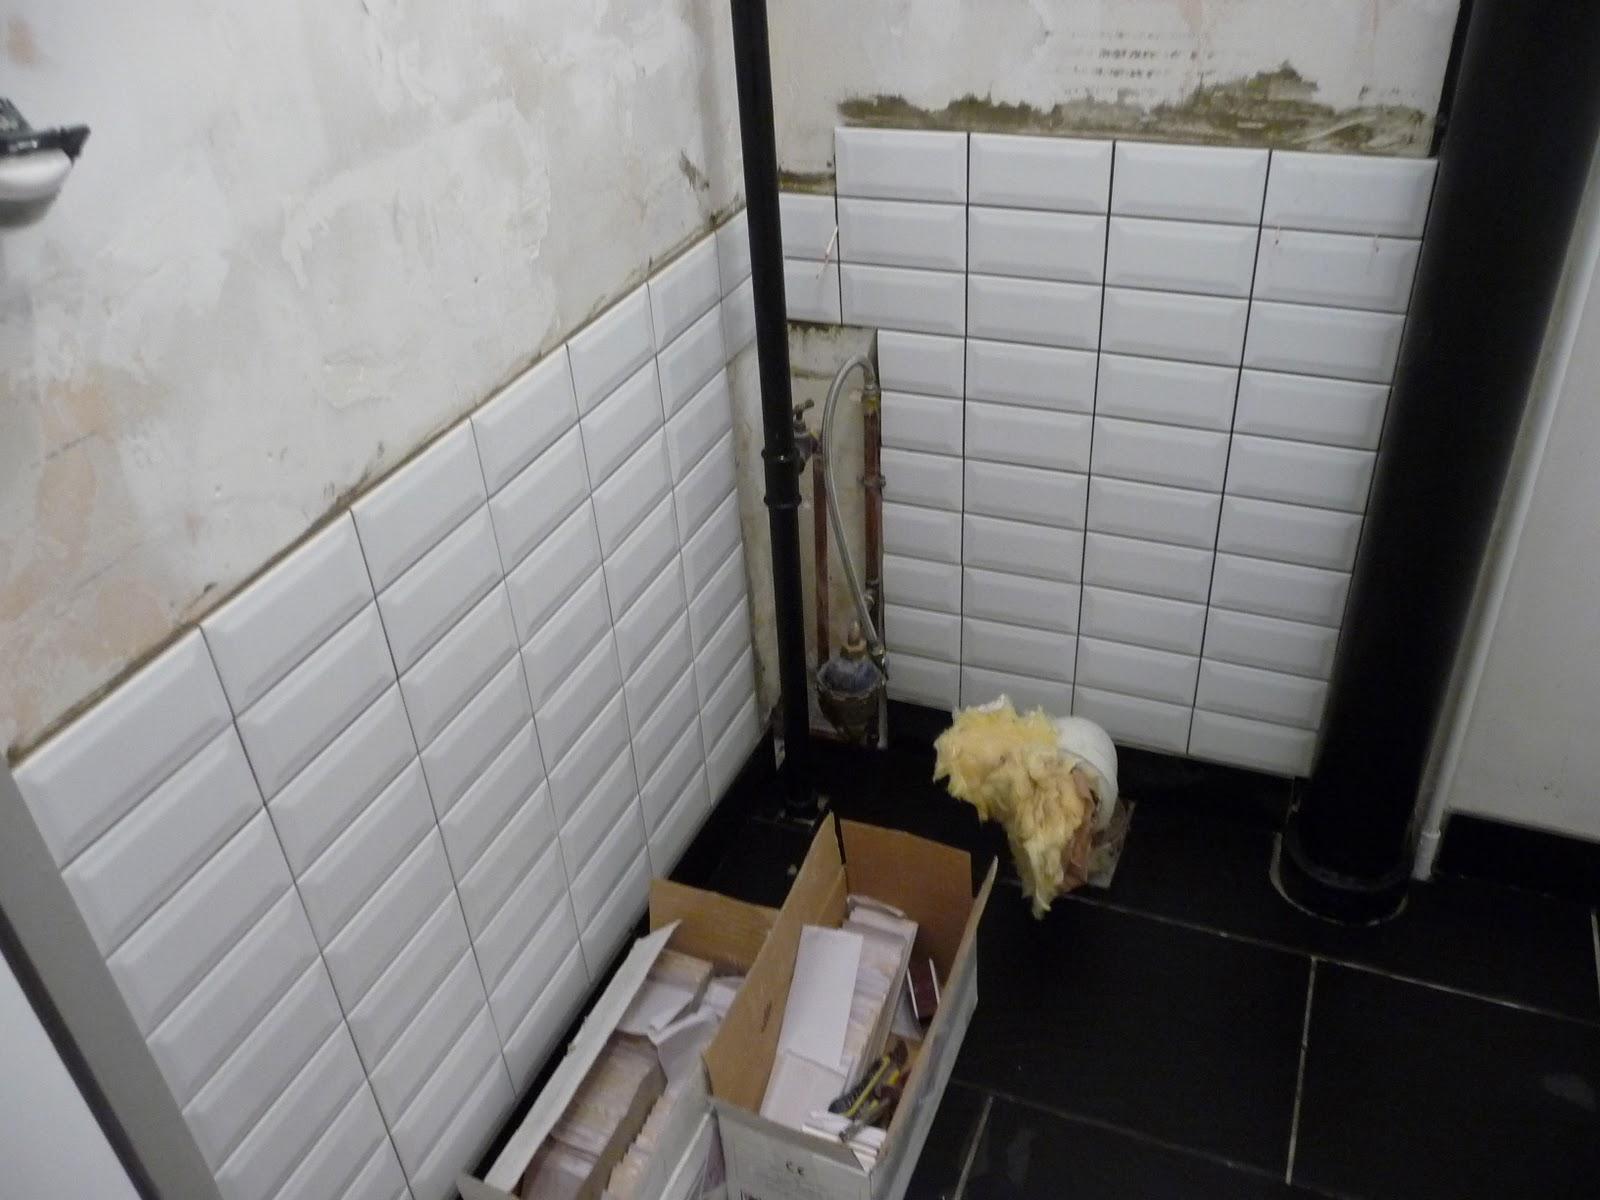 R novation d 39 un appartement le carrelage mural des toilettes Carrelage mural pour wc